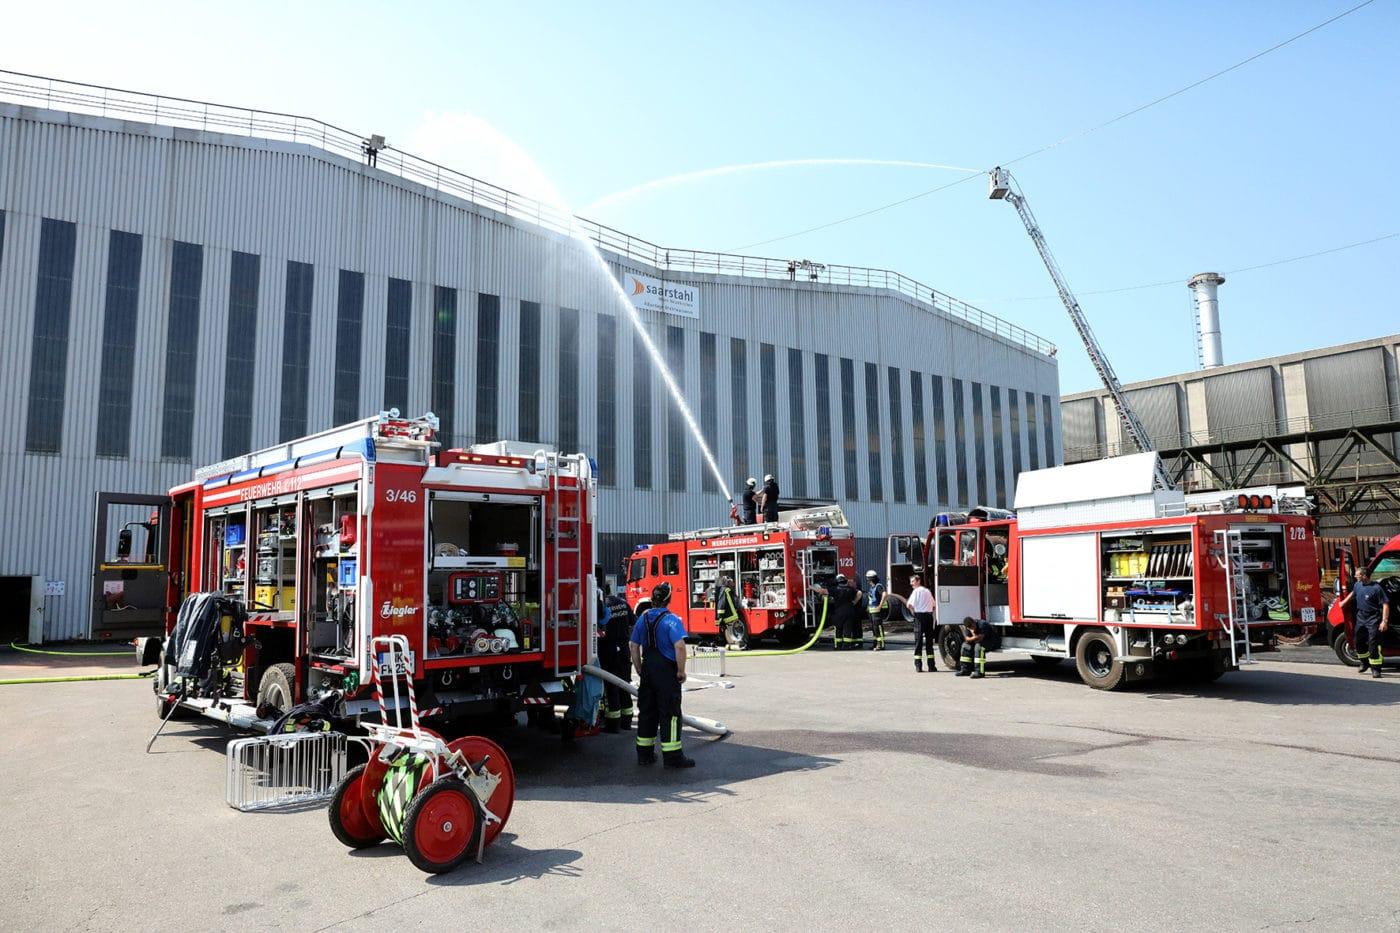 150 Einsatzkräfte bei Katastrophenschutzübung in Neunkirchen beteiligt